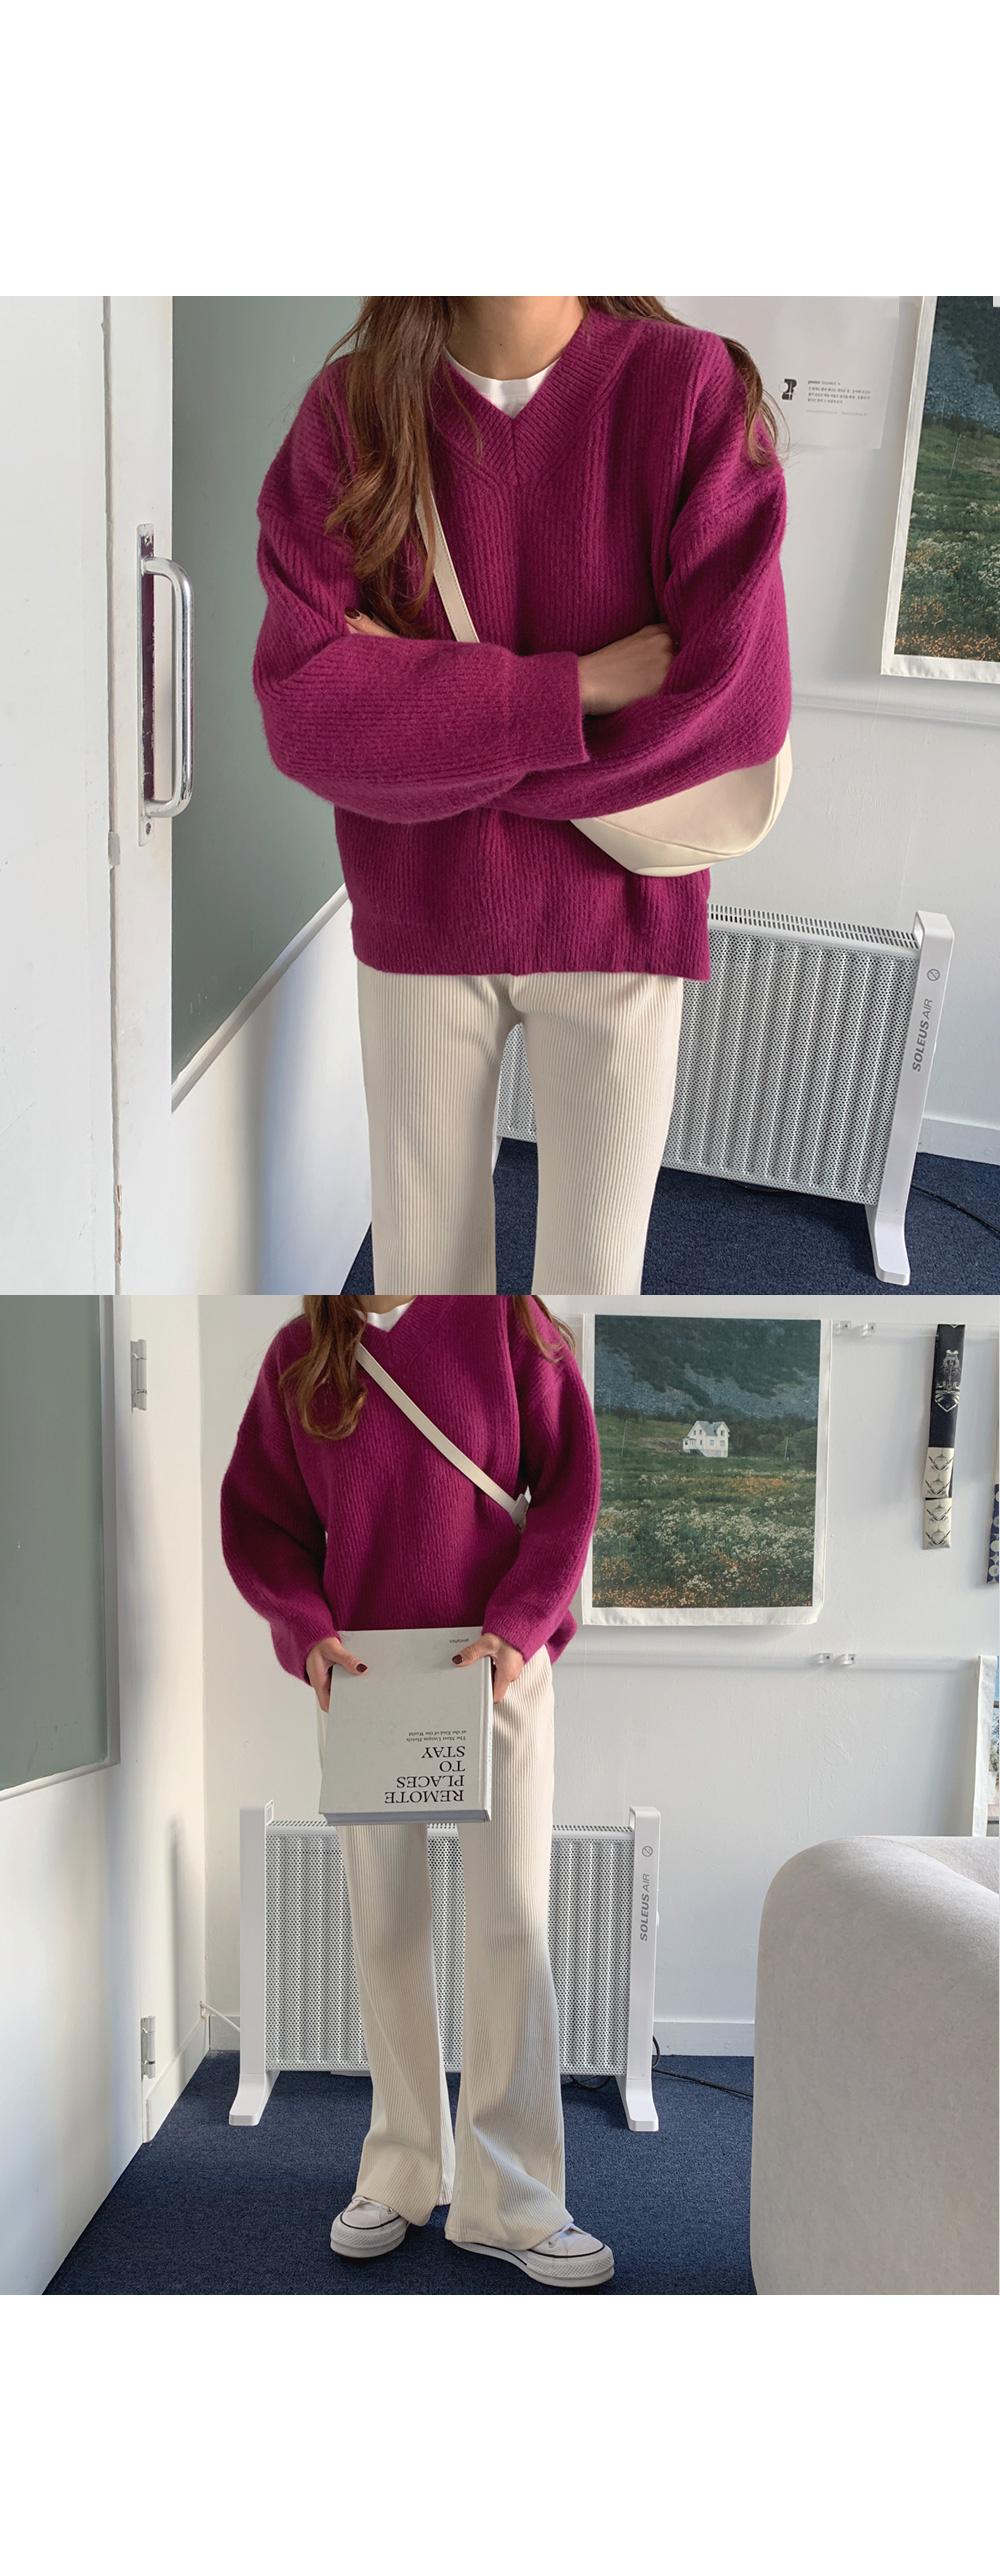 긴팔 티셔츠 모델 착용 이미지-S1L35